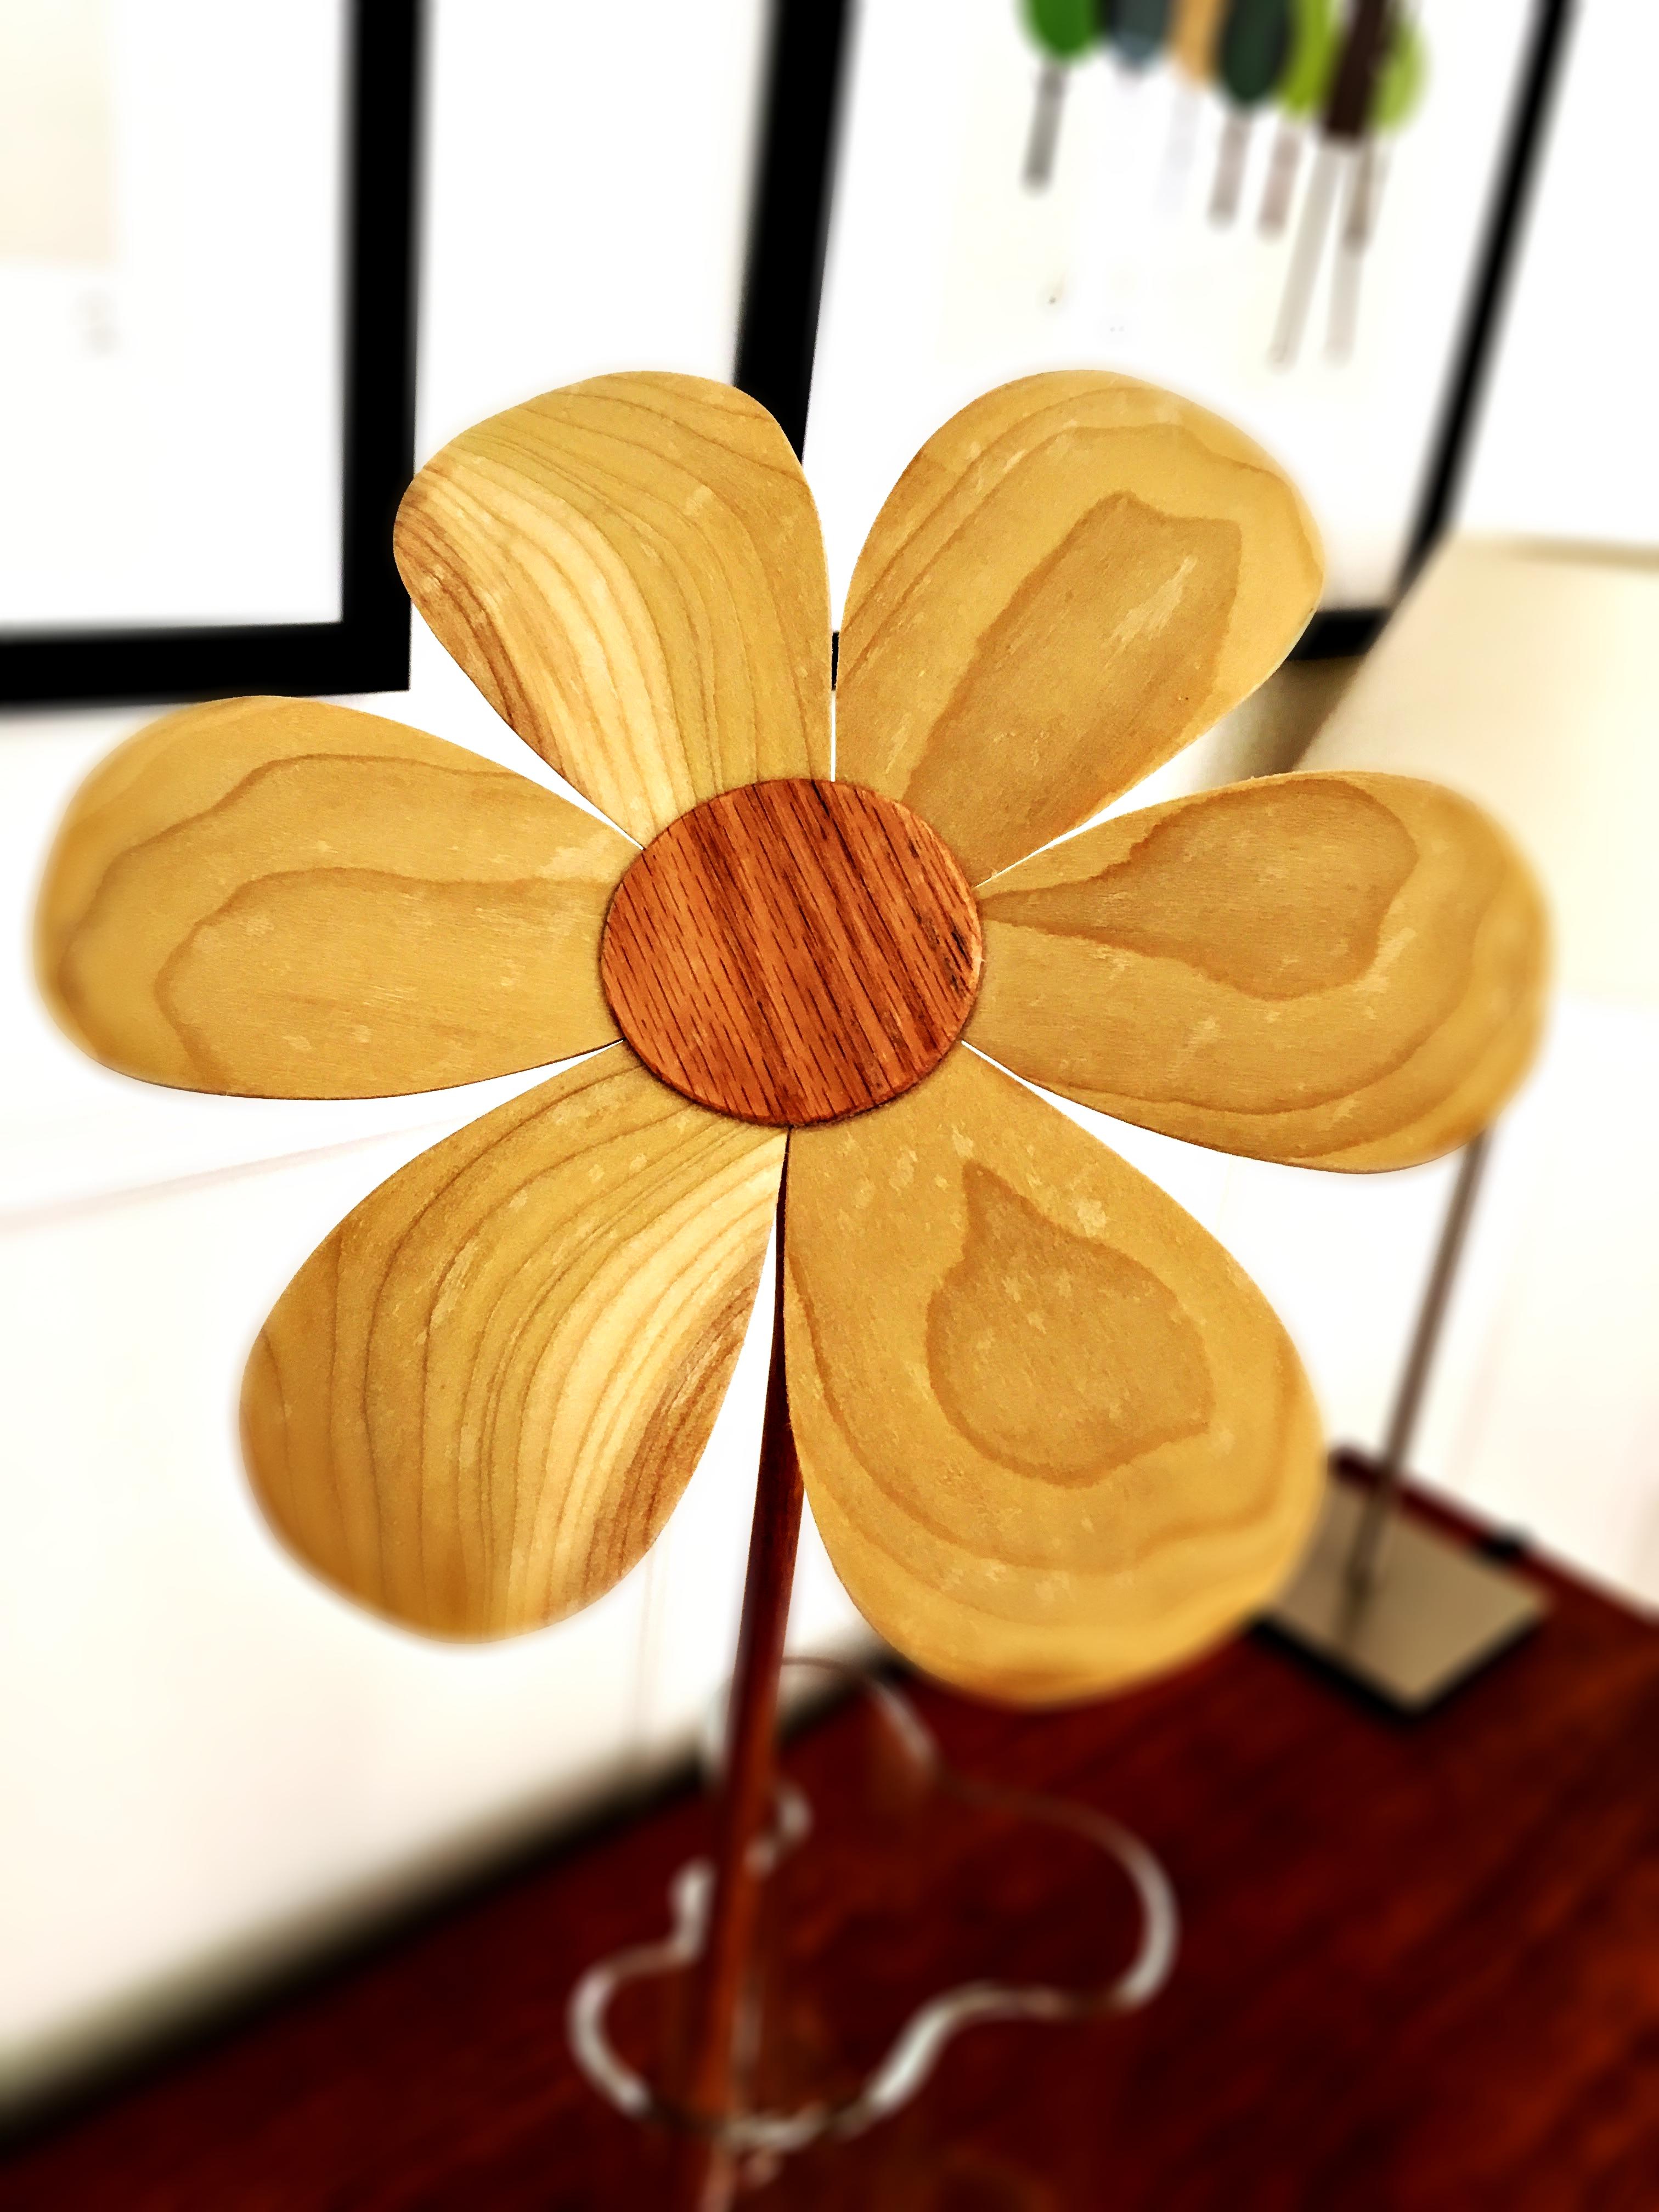 puidust lill, karikakar, meene, kingitus, puitdisain, käsitöö